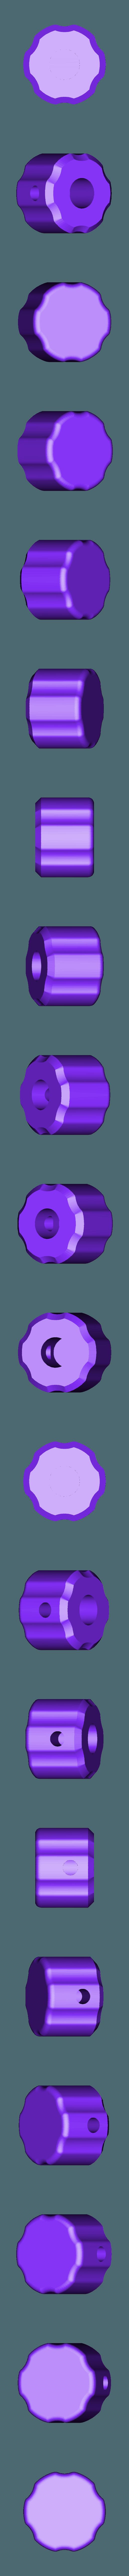 CornerClamp_Thumbwheel.stl Télécharger fichier STL gratuit Bride d'angle • Plan pour impression 3D, MinorSymphony